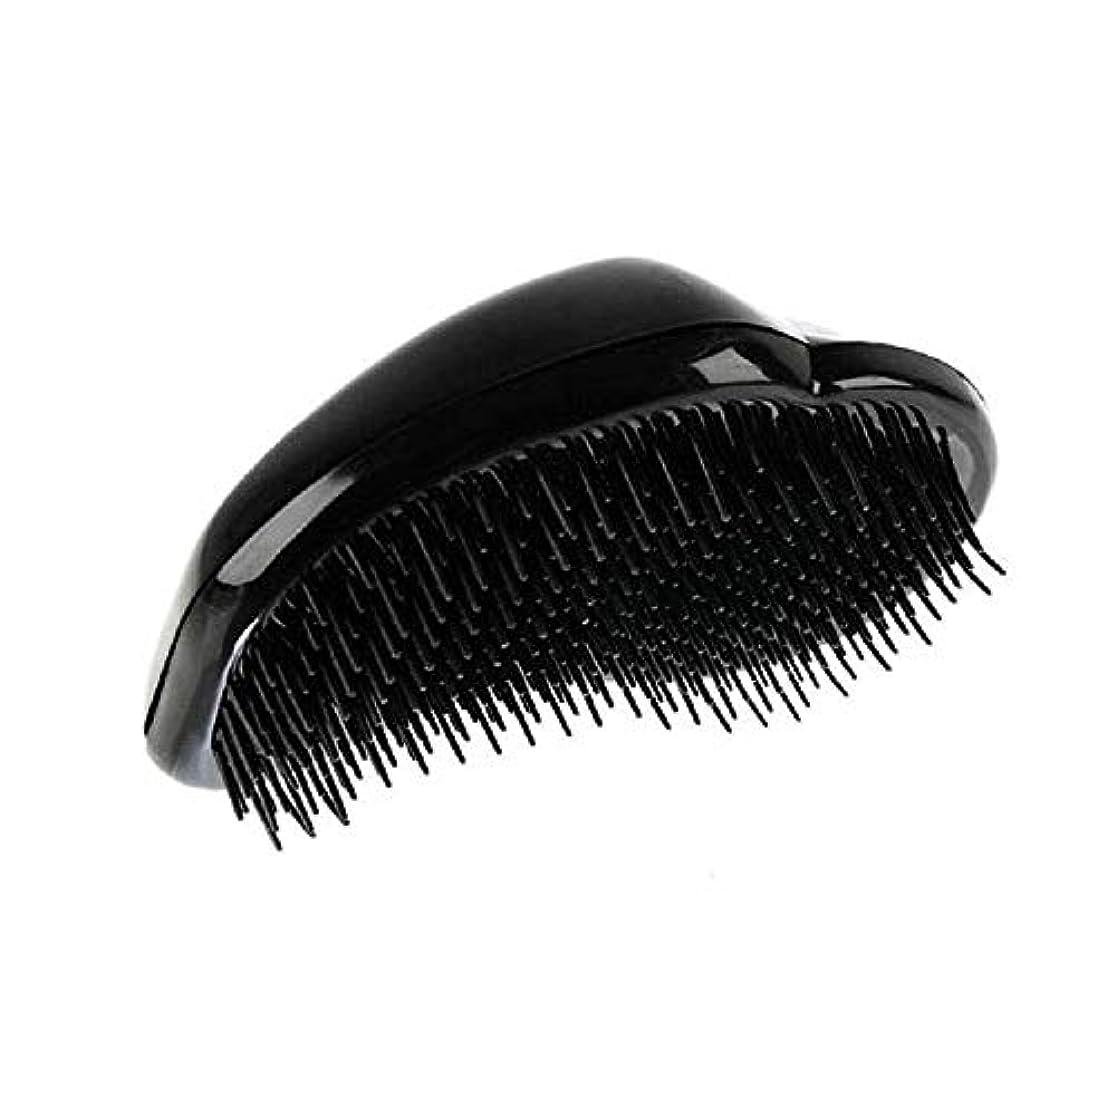 下手コンパニオンヒューズ1st market 黒のプラスチック製の髪の櫛理髪の櫛の女性のエアバッグの櫛のマッサージの櫛のヘアブラシ帯電防止デタングルの櫛パーフェクト軽量ポケットサイズ1ピース耐久性と便利